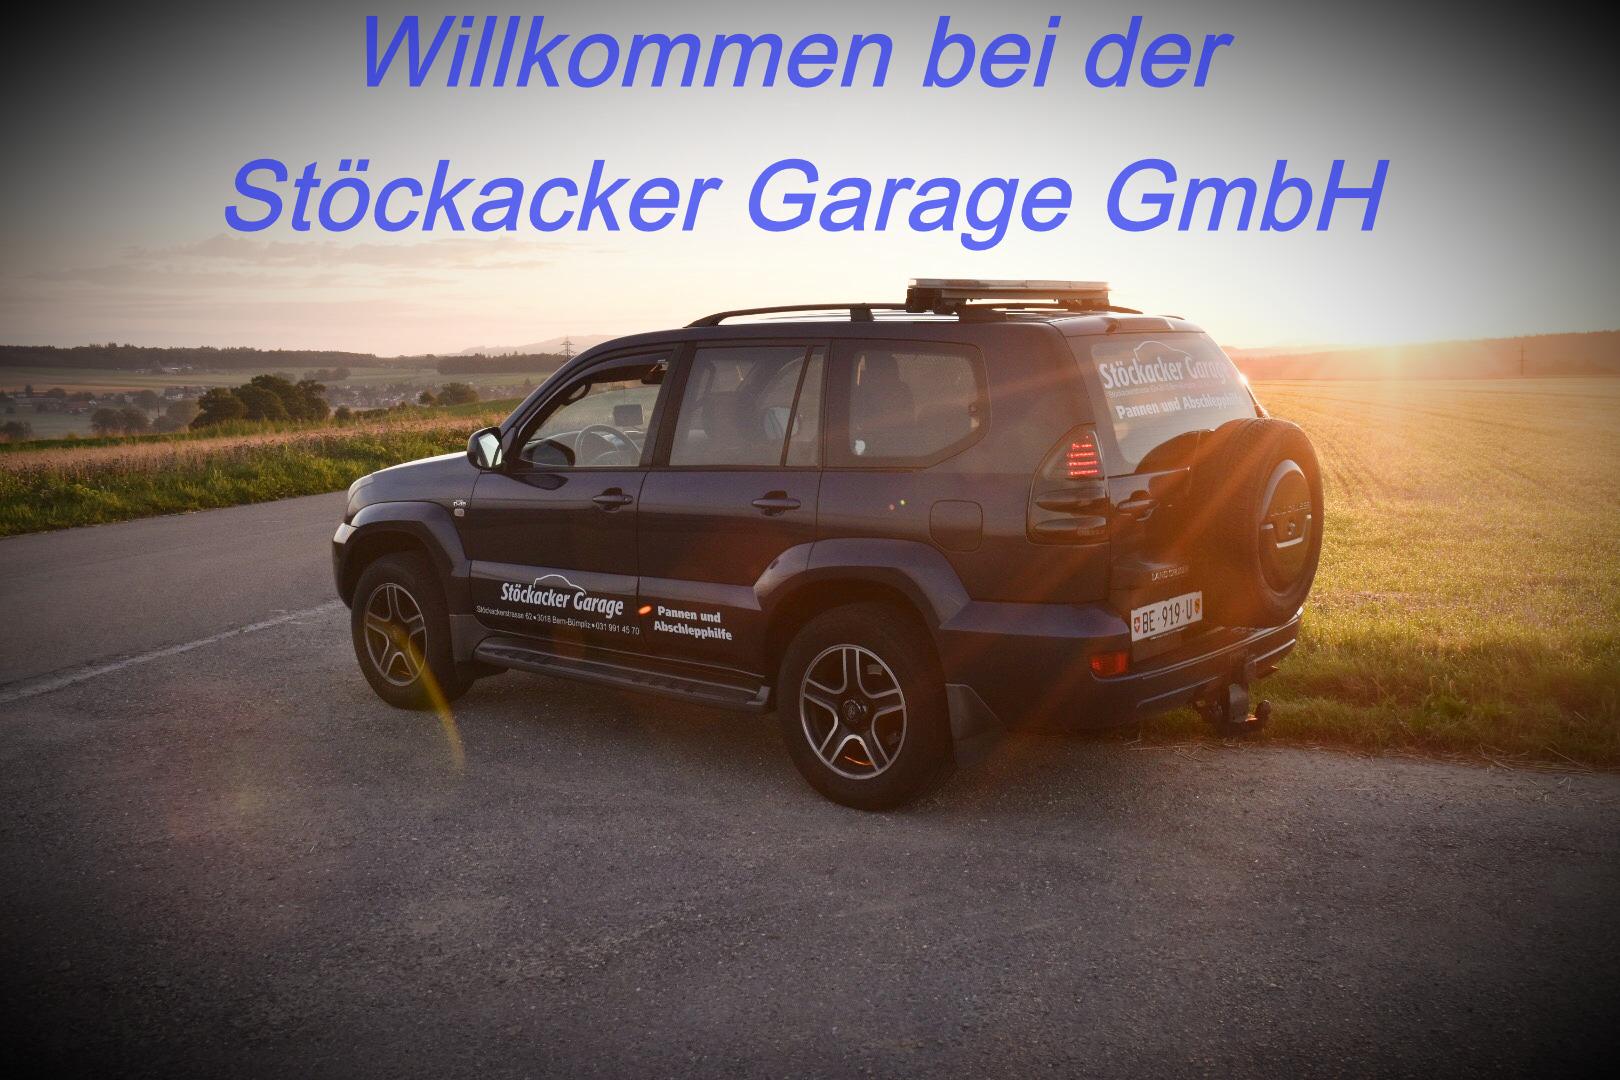 Willkommen bei der Stöckacker Garage